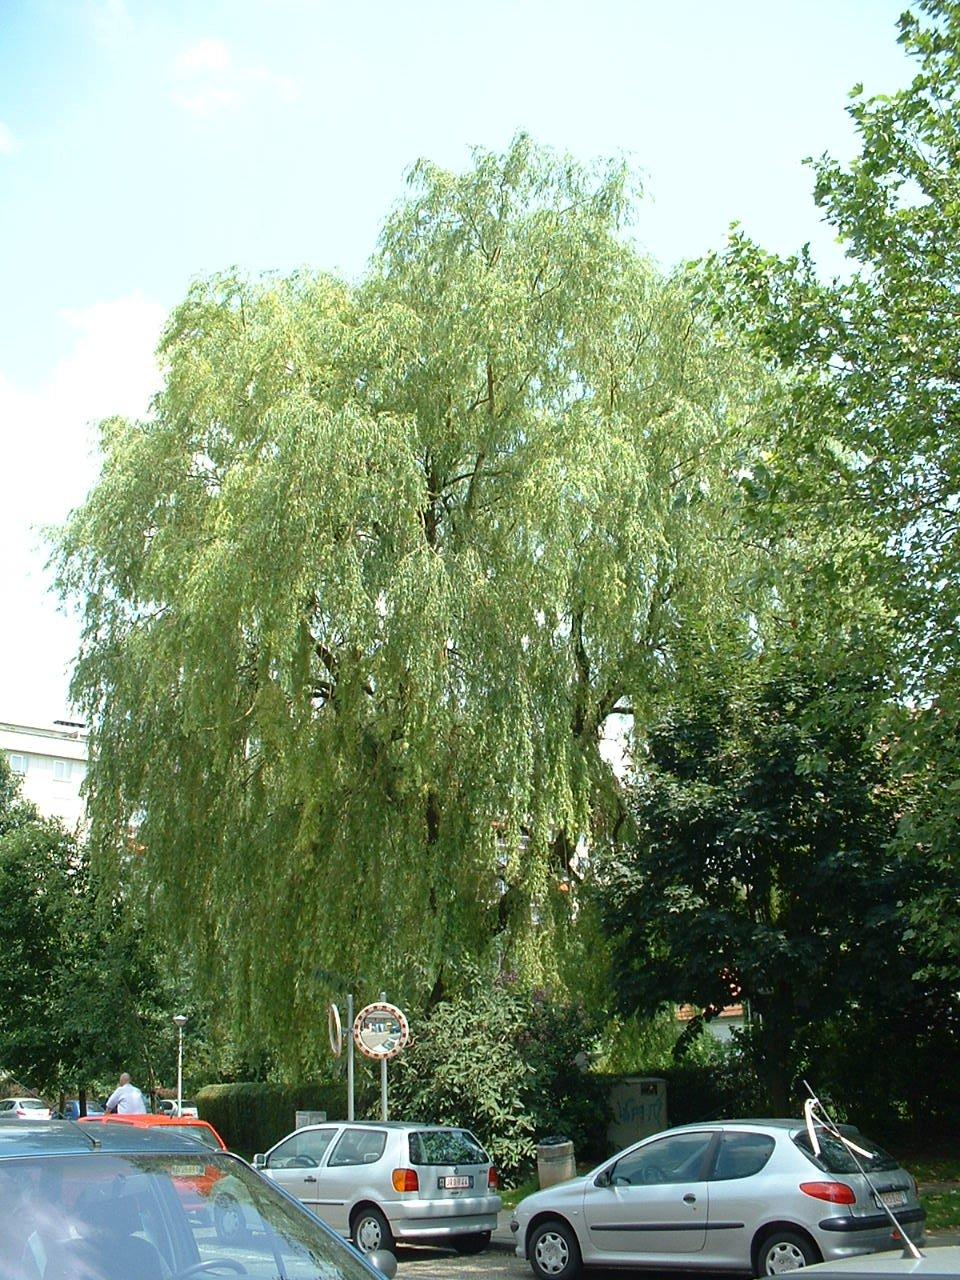 Saule pleureur – Evere, Tuinbouw, 2 –  18 Juin 2002